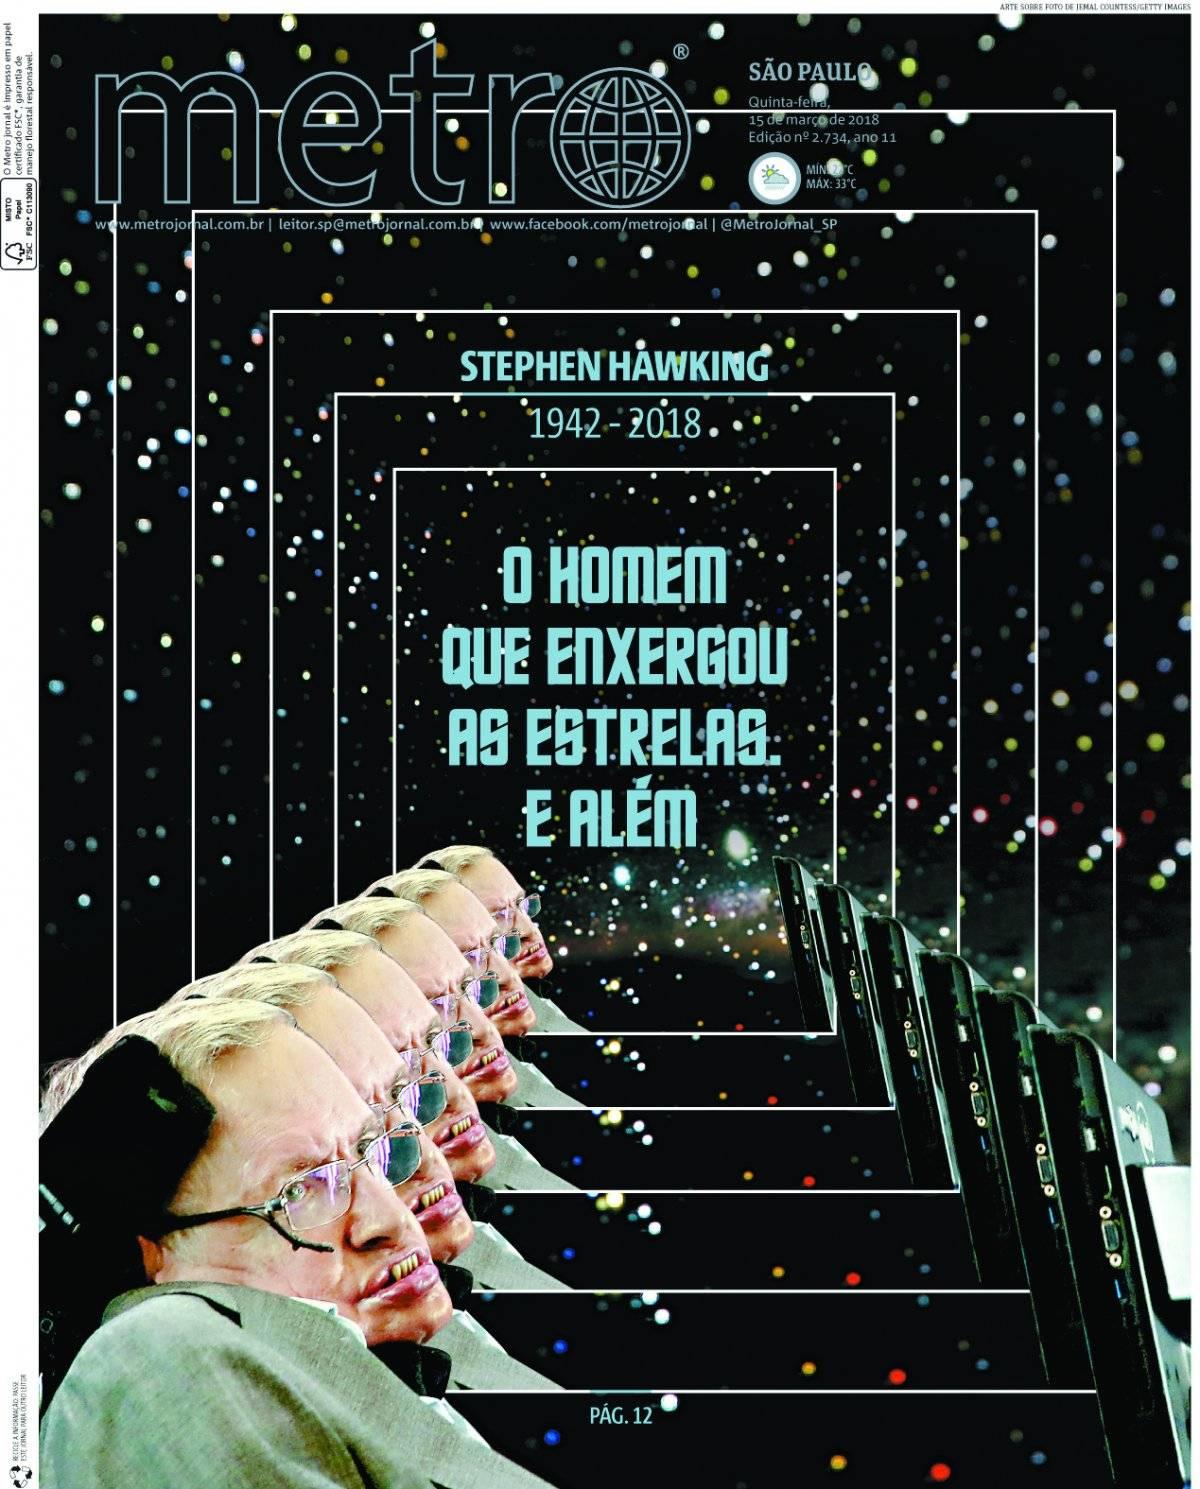 15 de março. O físico Stephen Hawking também foi homenageado por uma capa especialmente sci-fi